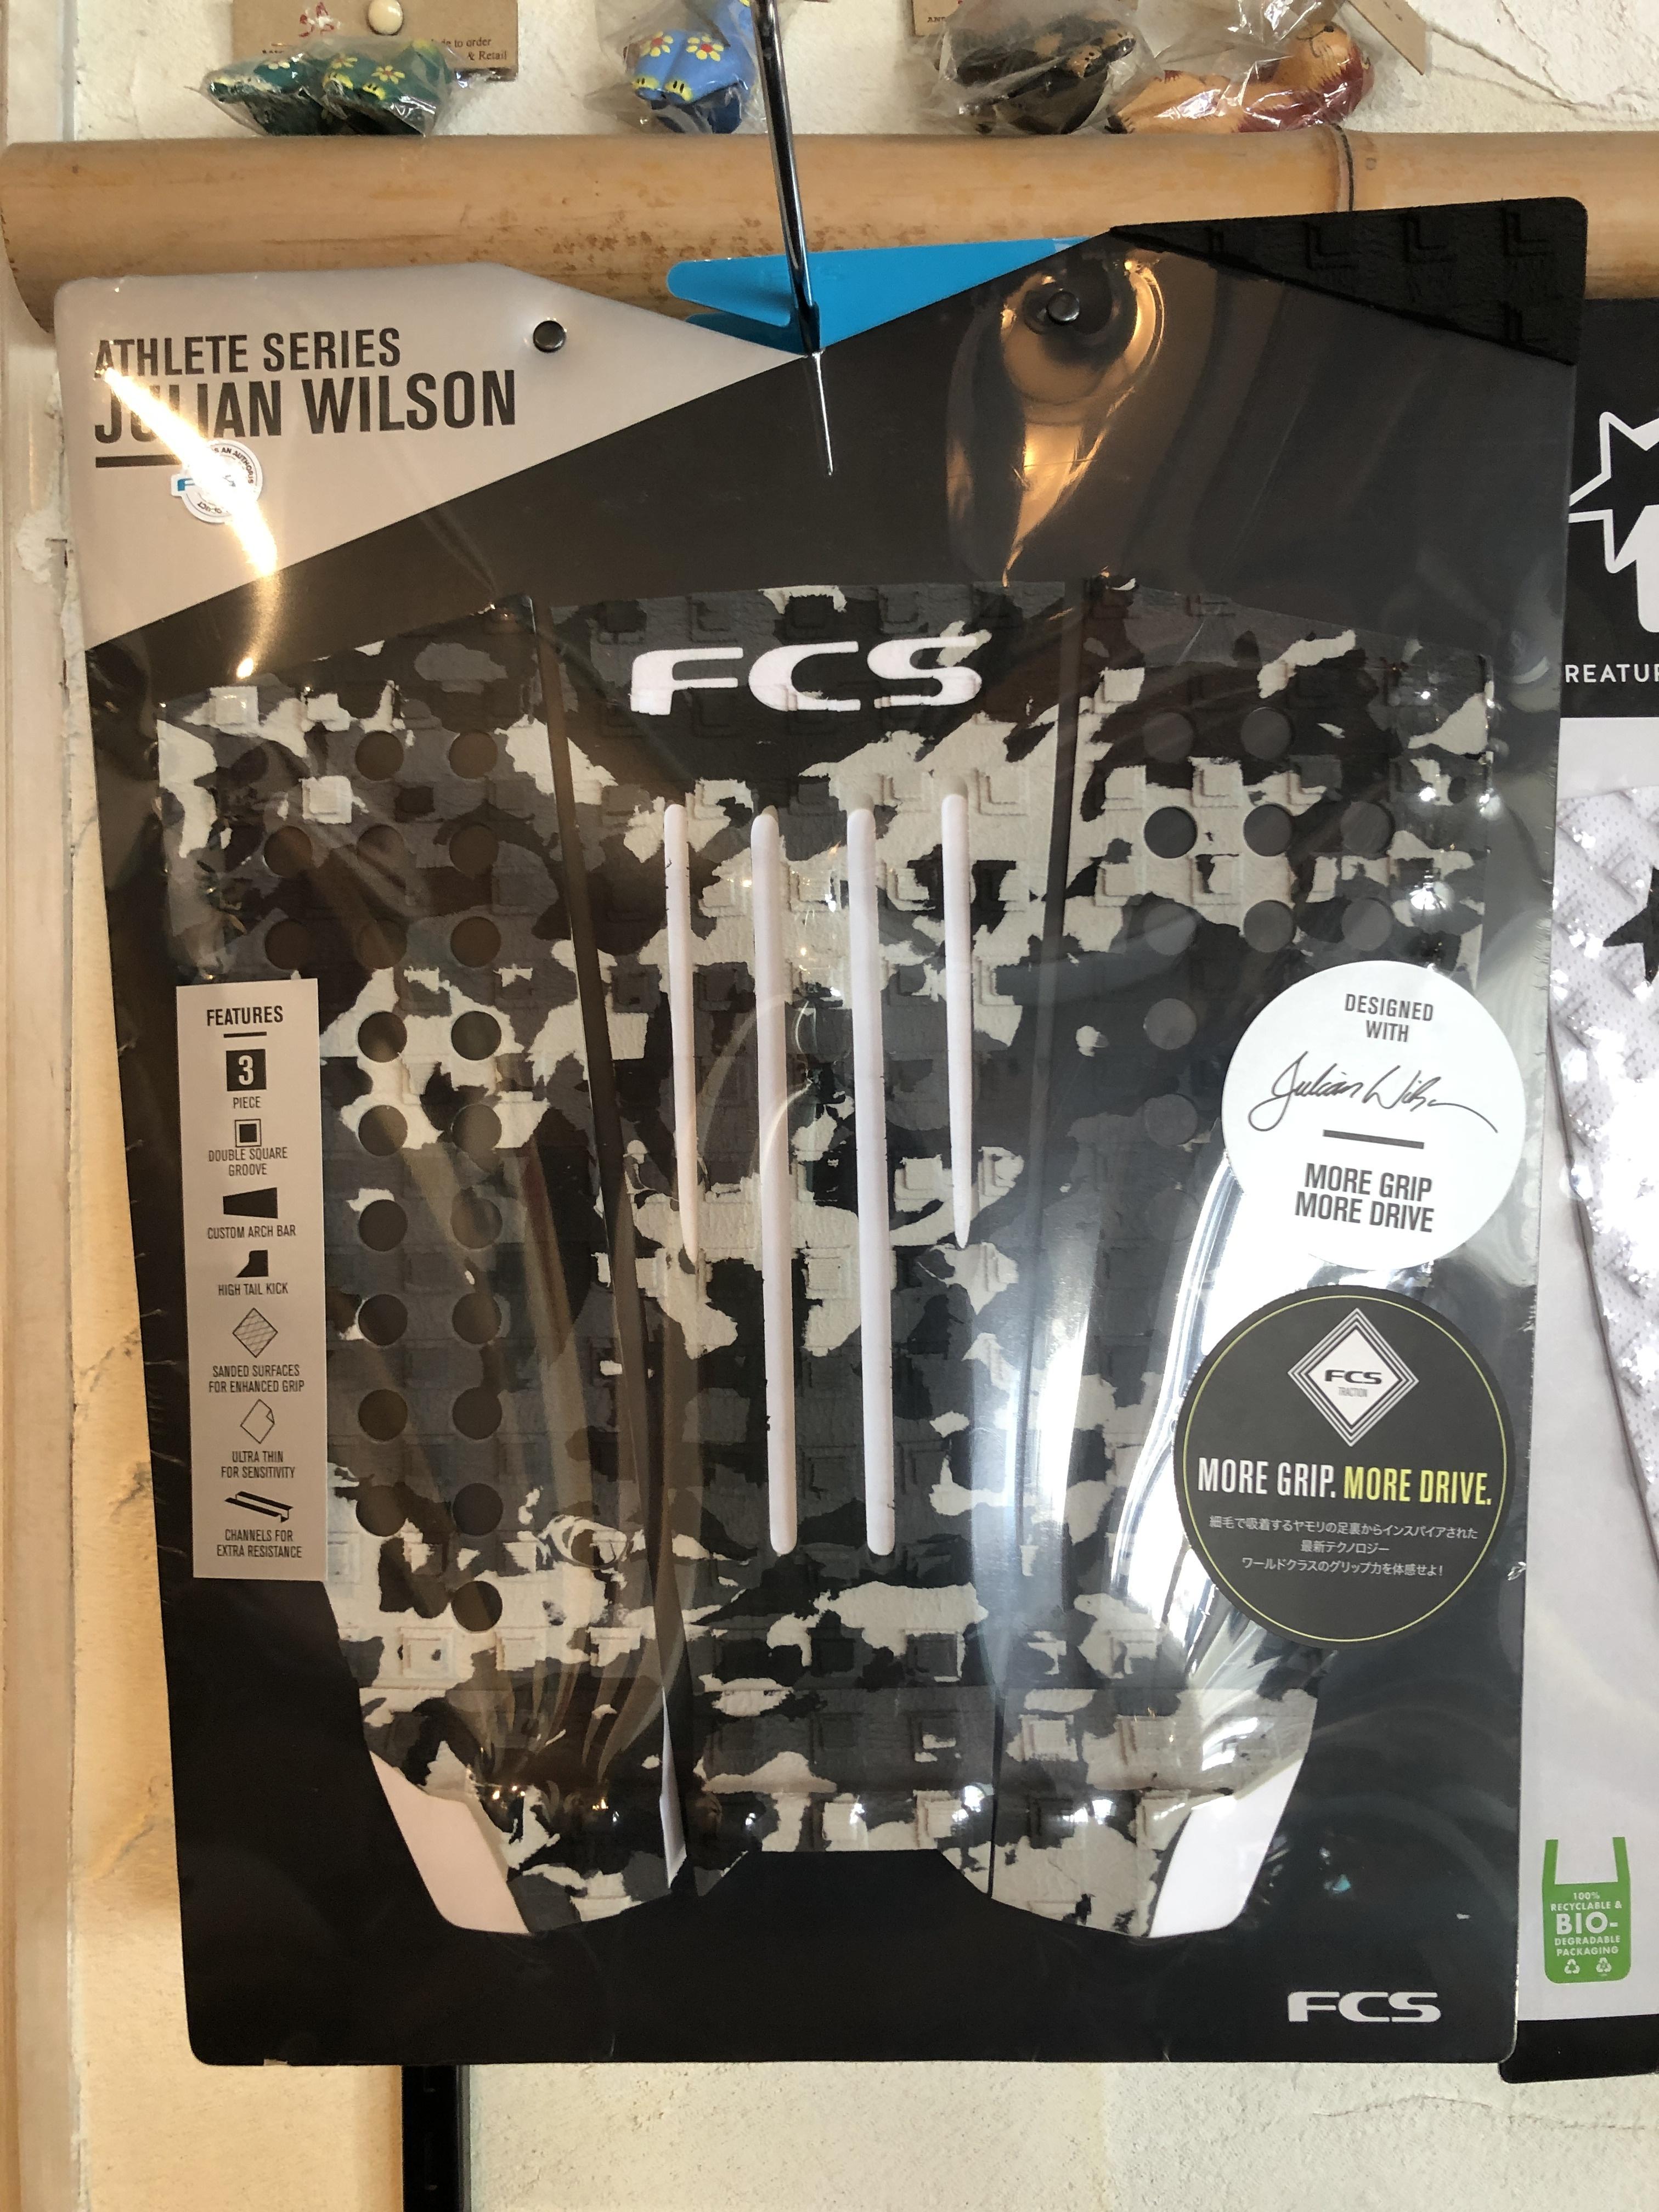 FCS JULIAN ジュリアン・ウィルソンシグネチャー エフシーエス(モノクロ迷彩)